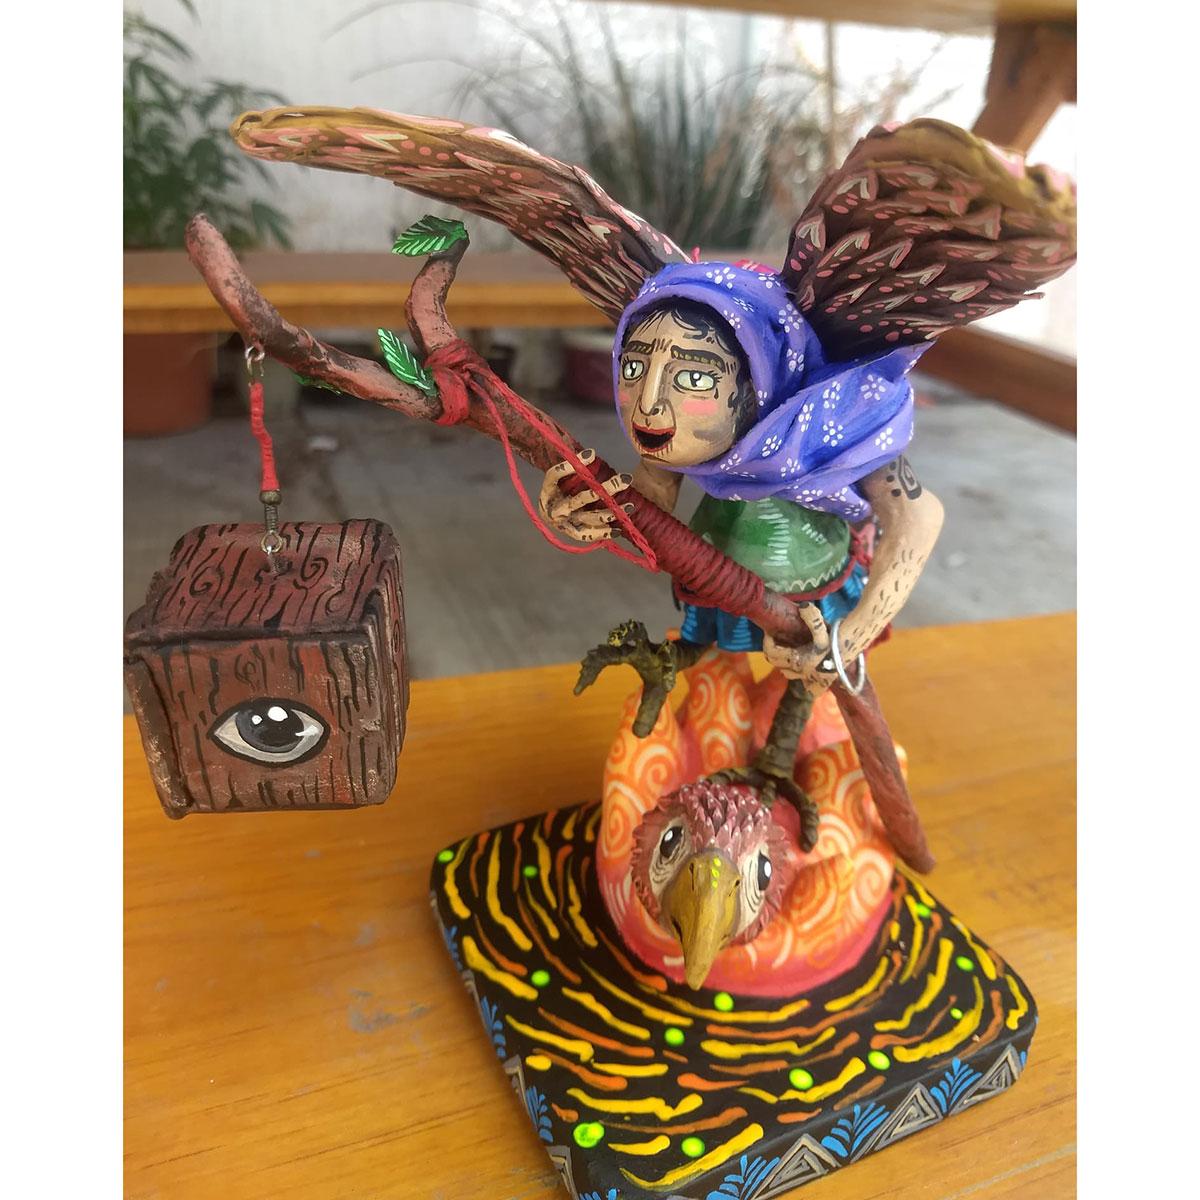 Cartoneria (Mexican Paper Mache) Isaias Alejandro Morales Delgado: La Bruja de Nativitas – The Witch of Nativitas Alebrijes